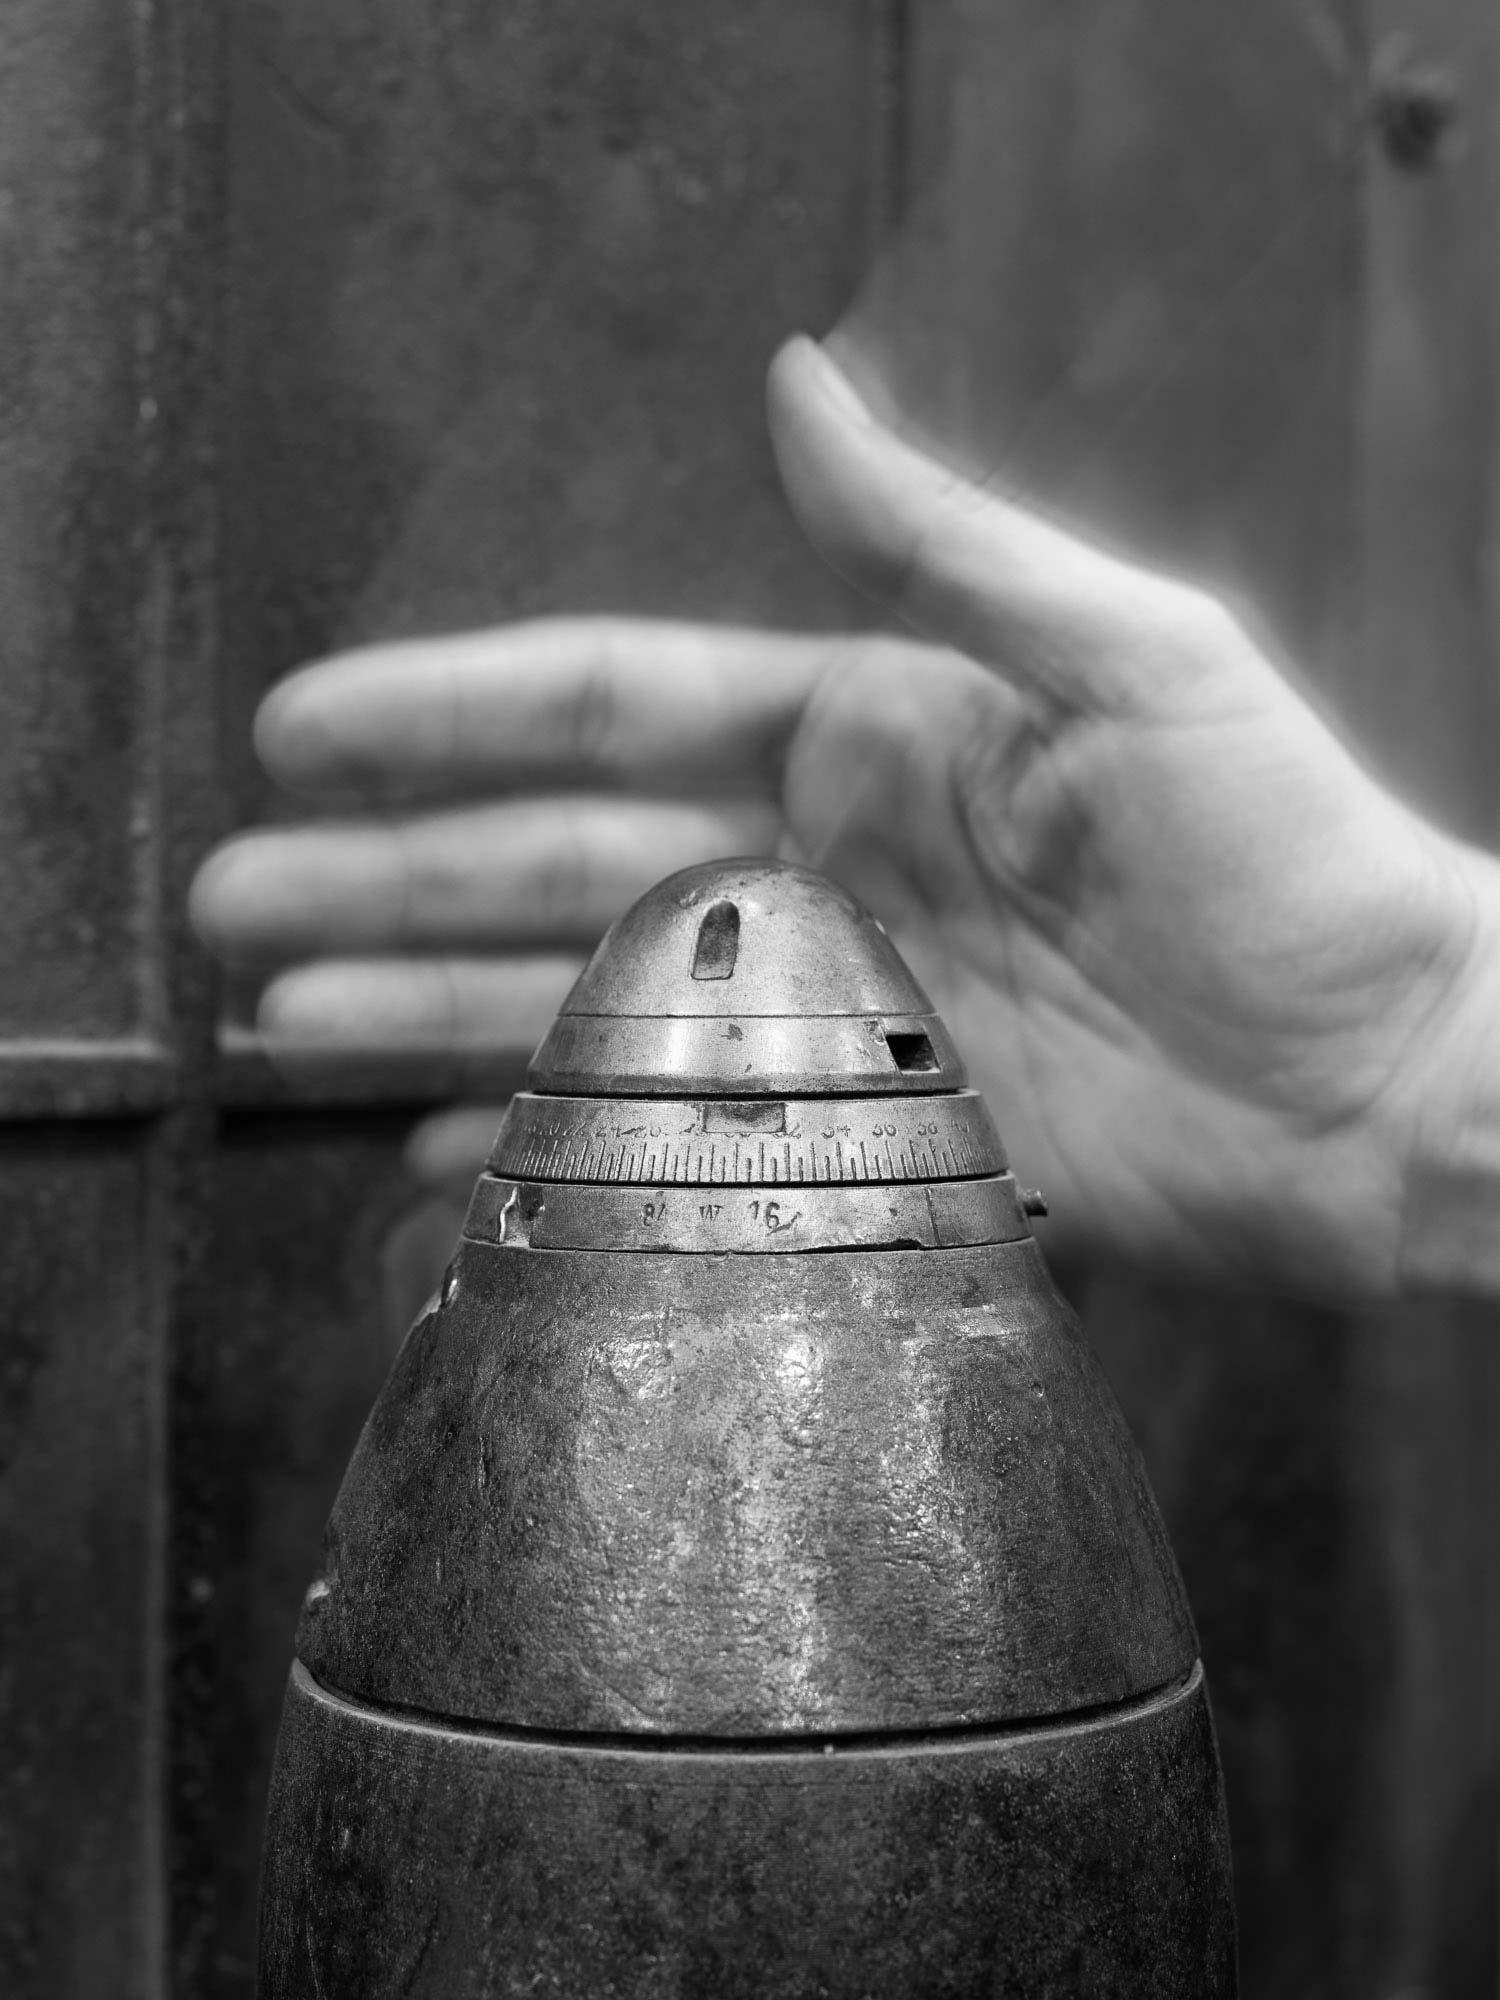 Cent'anni dopo © Giulia Bianchi